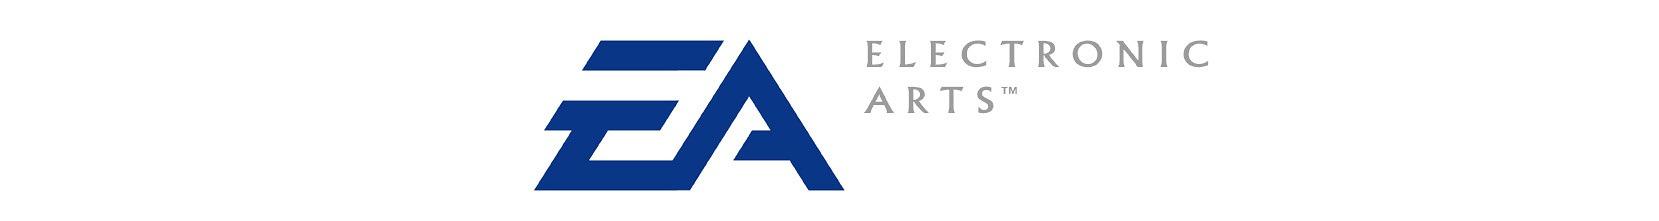 Firma Electronic Arts zajmuje się zarówno produkcją, jak i wydawaniem gier na konsole oraz komputery PC.